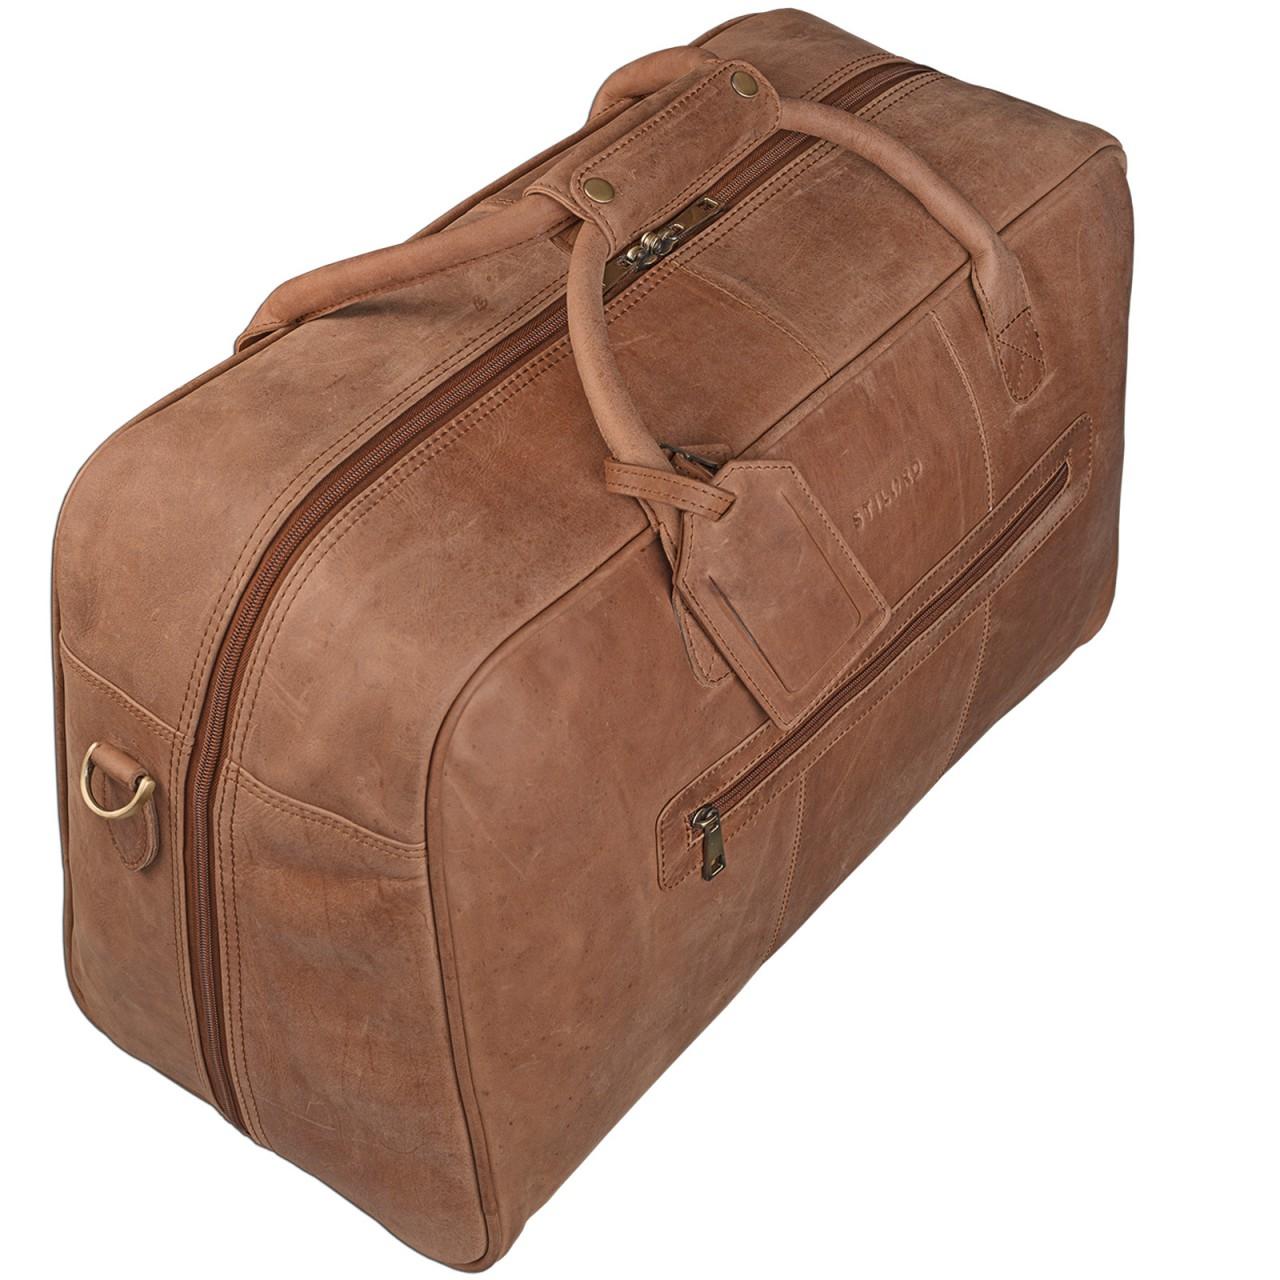 STILORD Vintage Reisetasche XXL groß Leder Weekend Bag Urlaub Retro Sporttasche Ledertasche mit 10.1 Zoll Tabletfach aus echtem Büffel-Leder braun - Bild 2